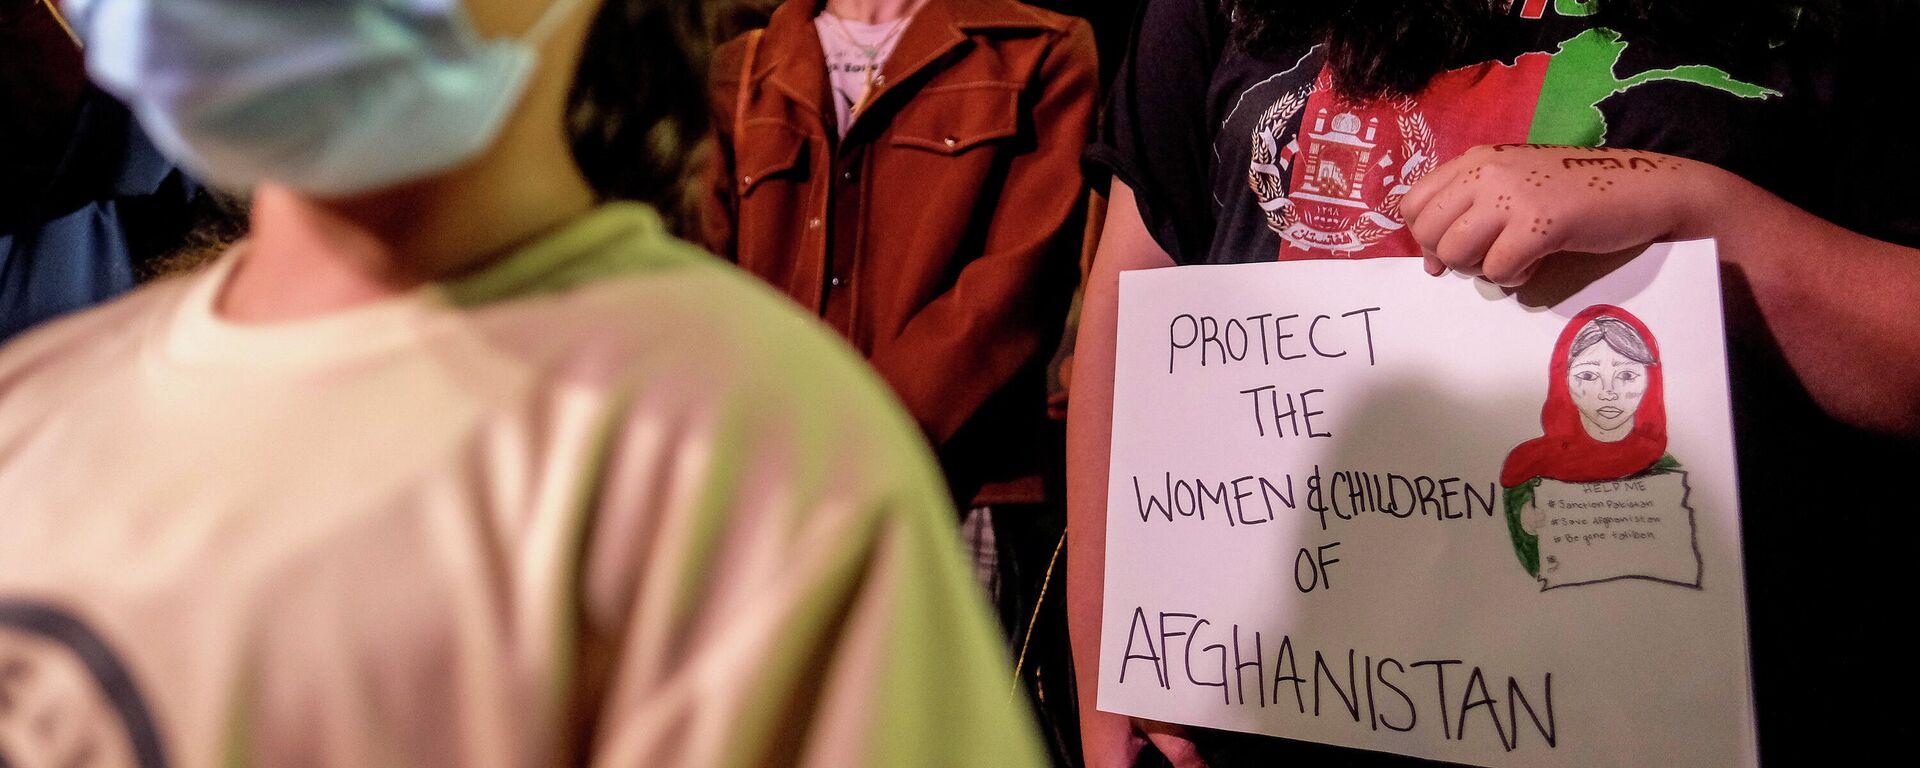 Menschen nehmen an einer Mahnwache für Afghanistan vor dem West LA Federal Building in Los Angeles, Kalifornien, USA teil, den 17. August 2021.  - SNA, 1920, 18.08.2021